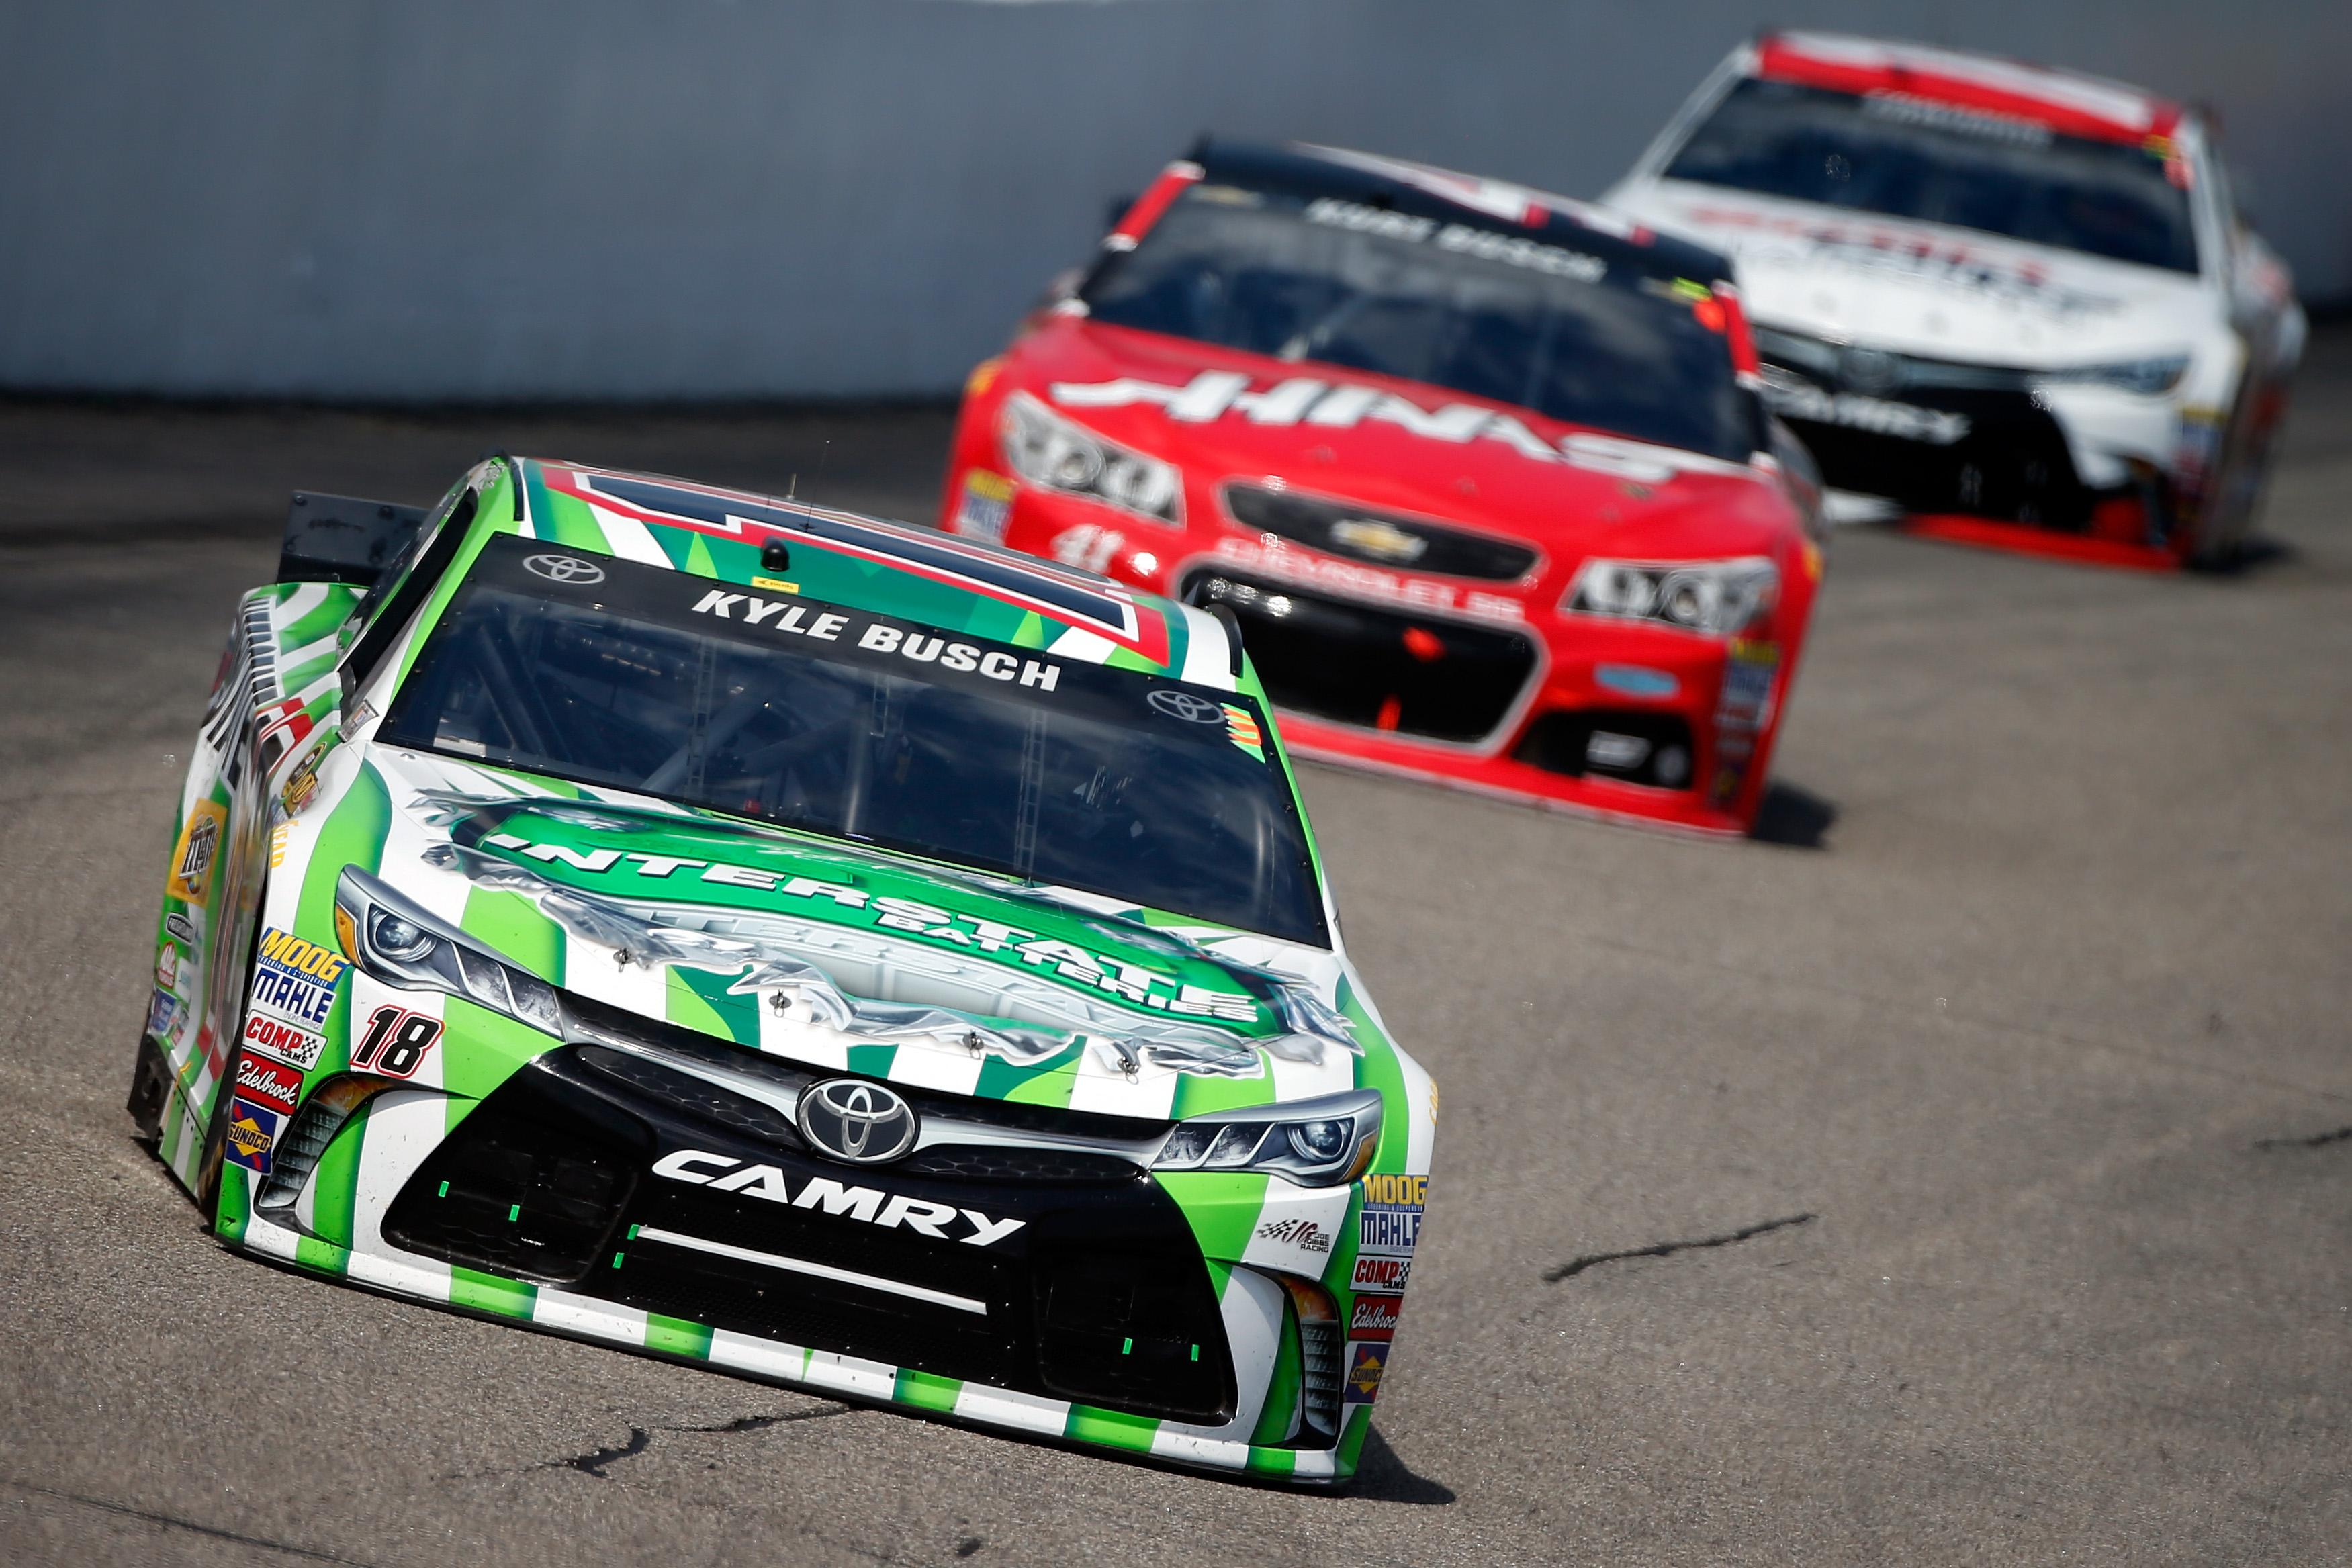 Kyle Busch Race Car